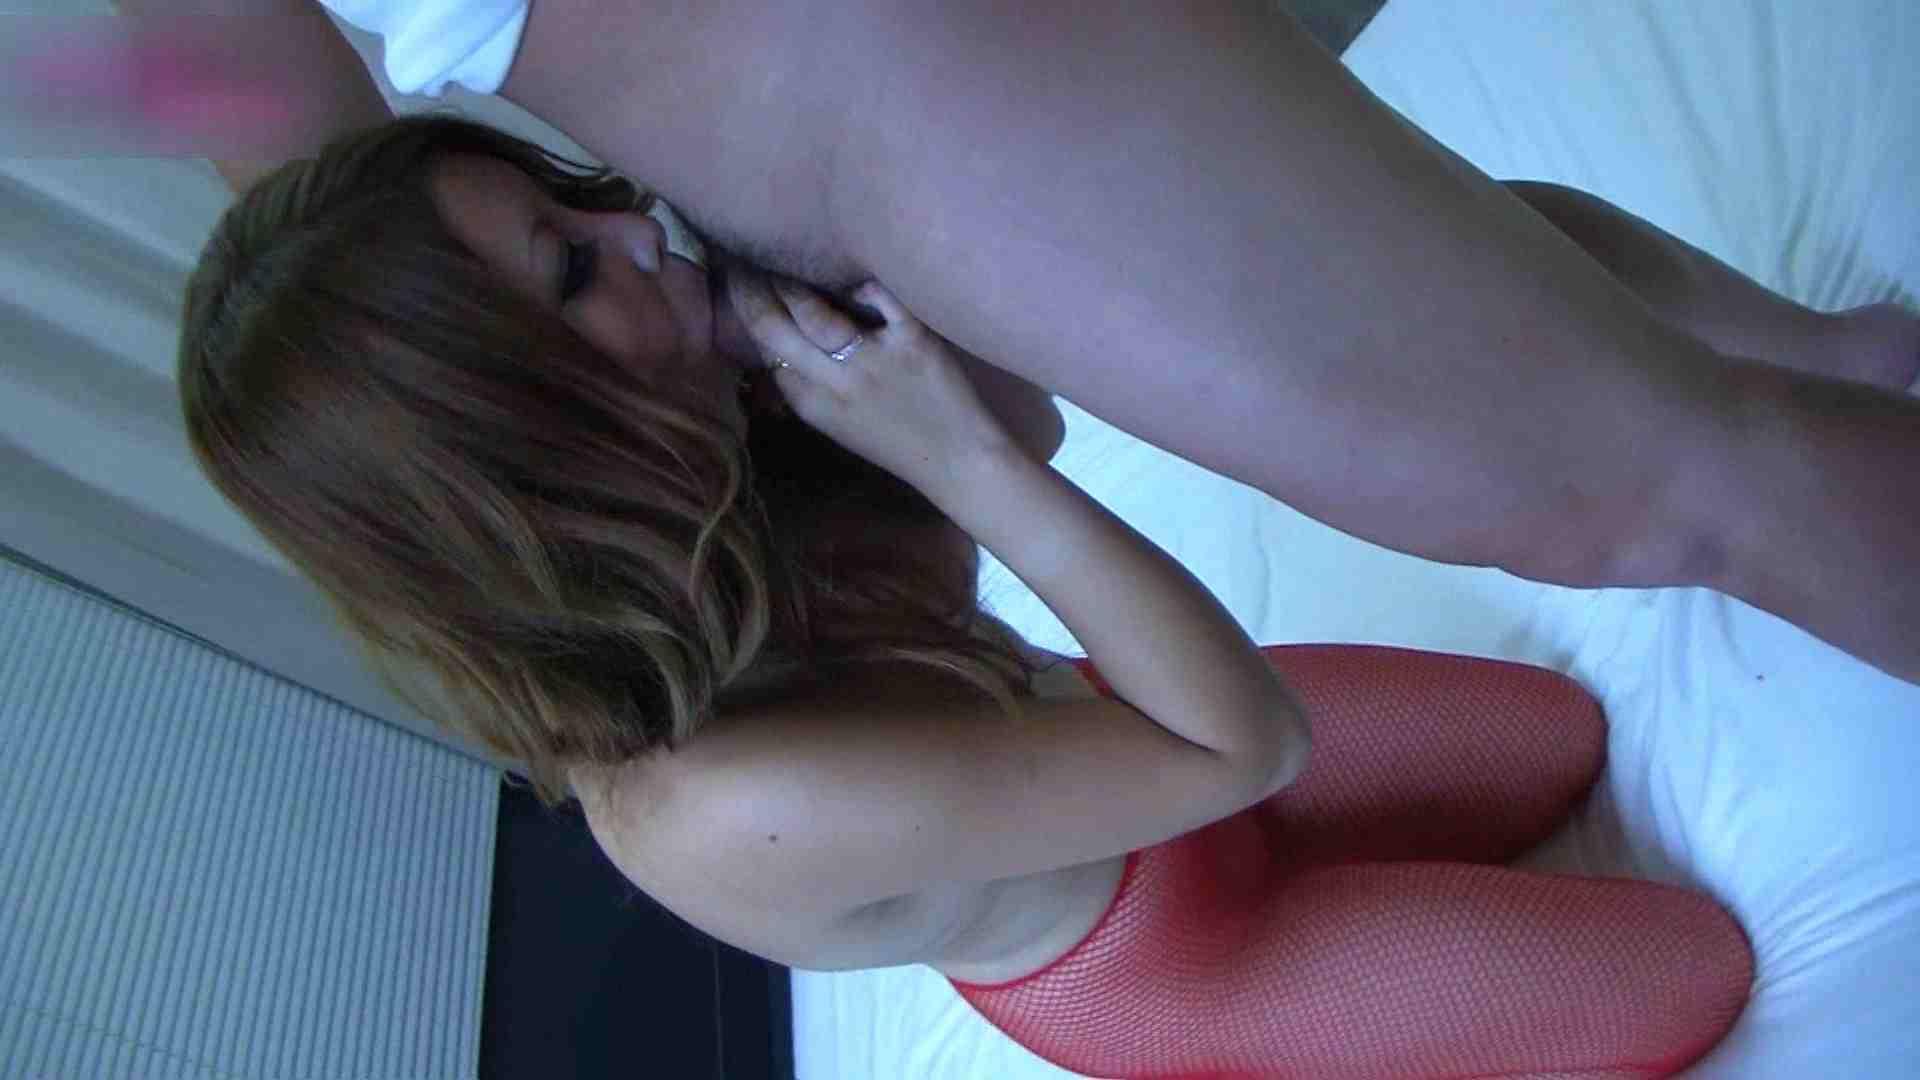 ギャルにしたいエロい事 Vol.08 後編 ギャル達のセックス | OL裸体  52画像 31